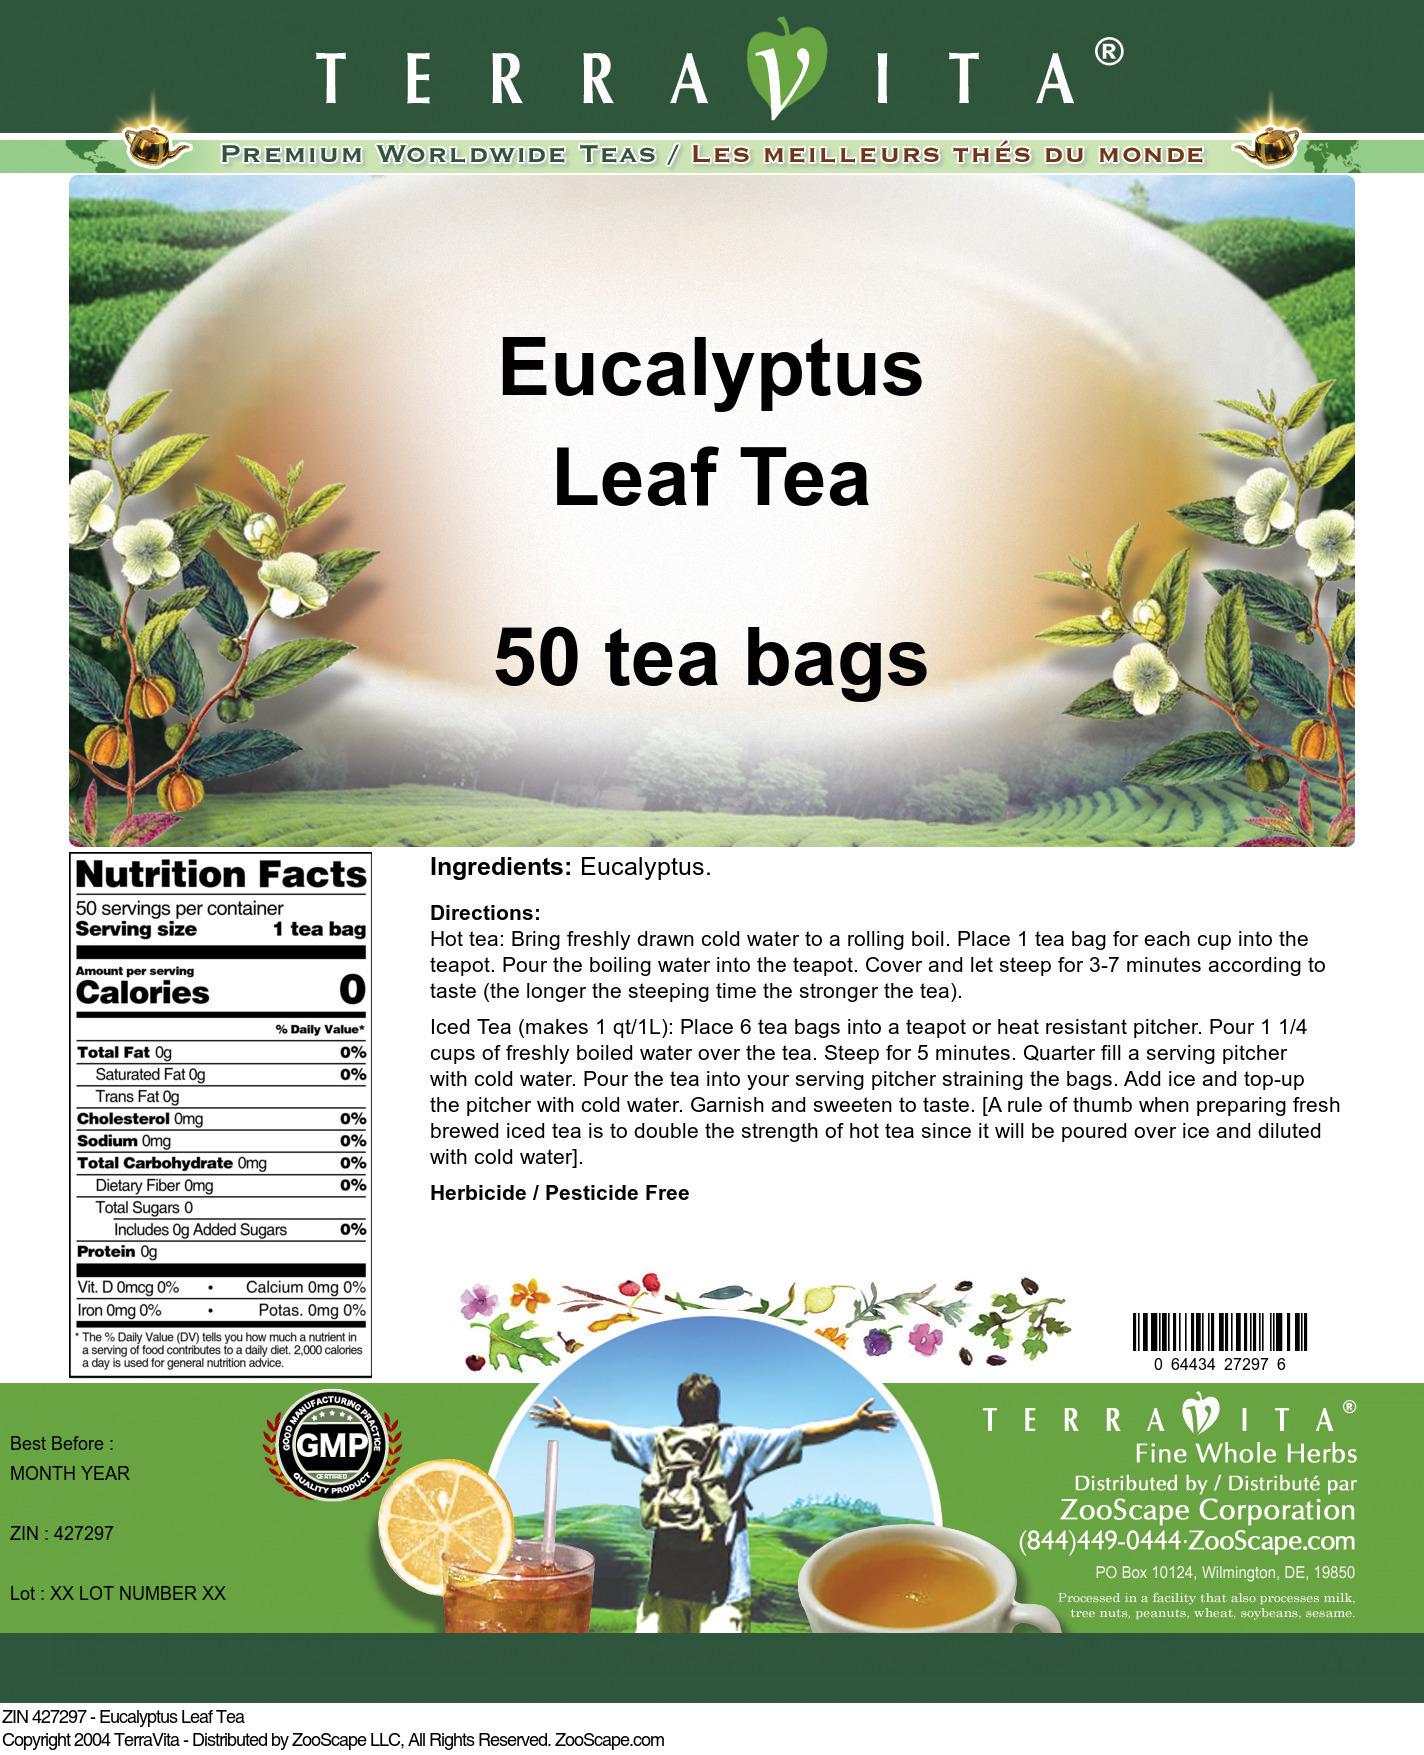 Eucalyptus Leaf Tea - Label